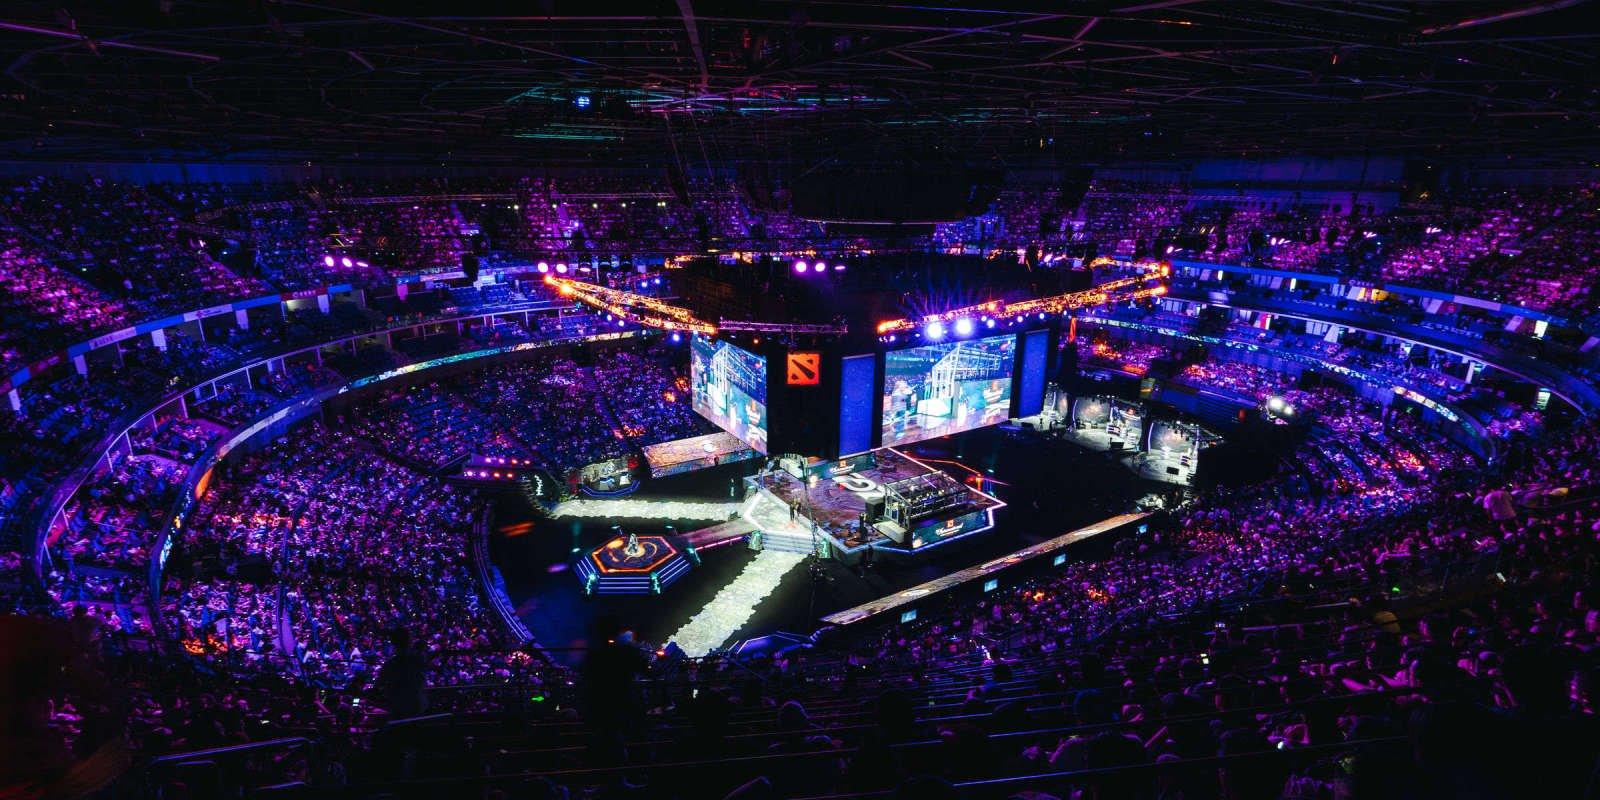 V社公开招标《DOTA2》Ti11比赛城市 模式与奥运类似